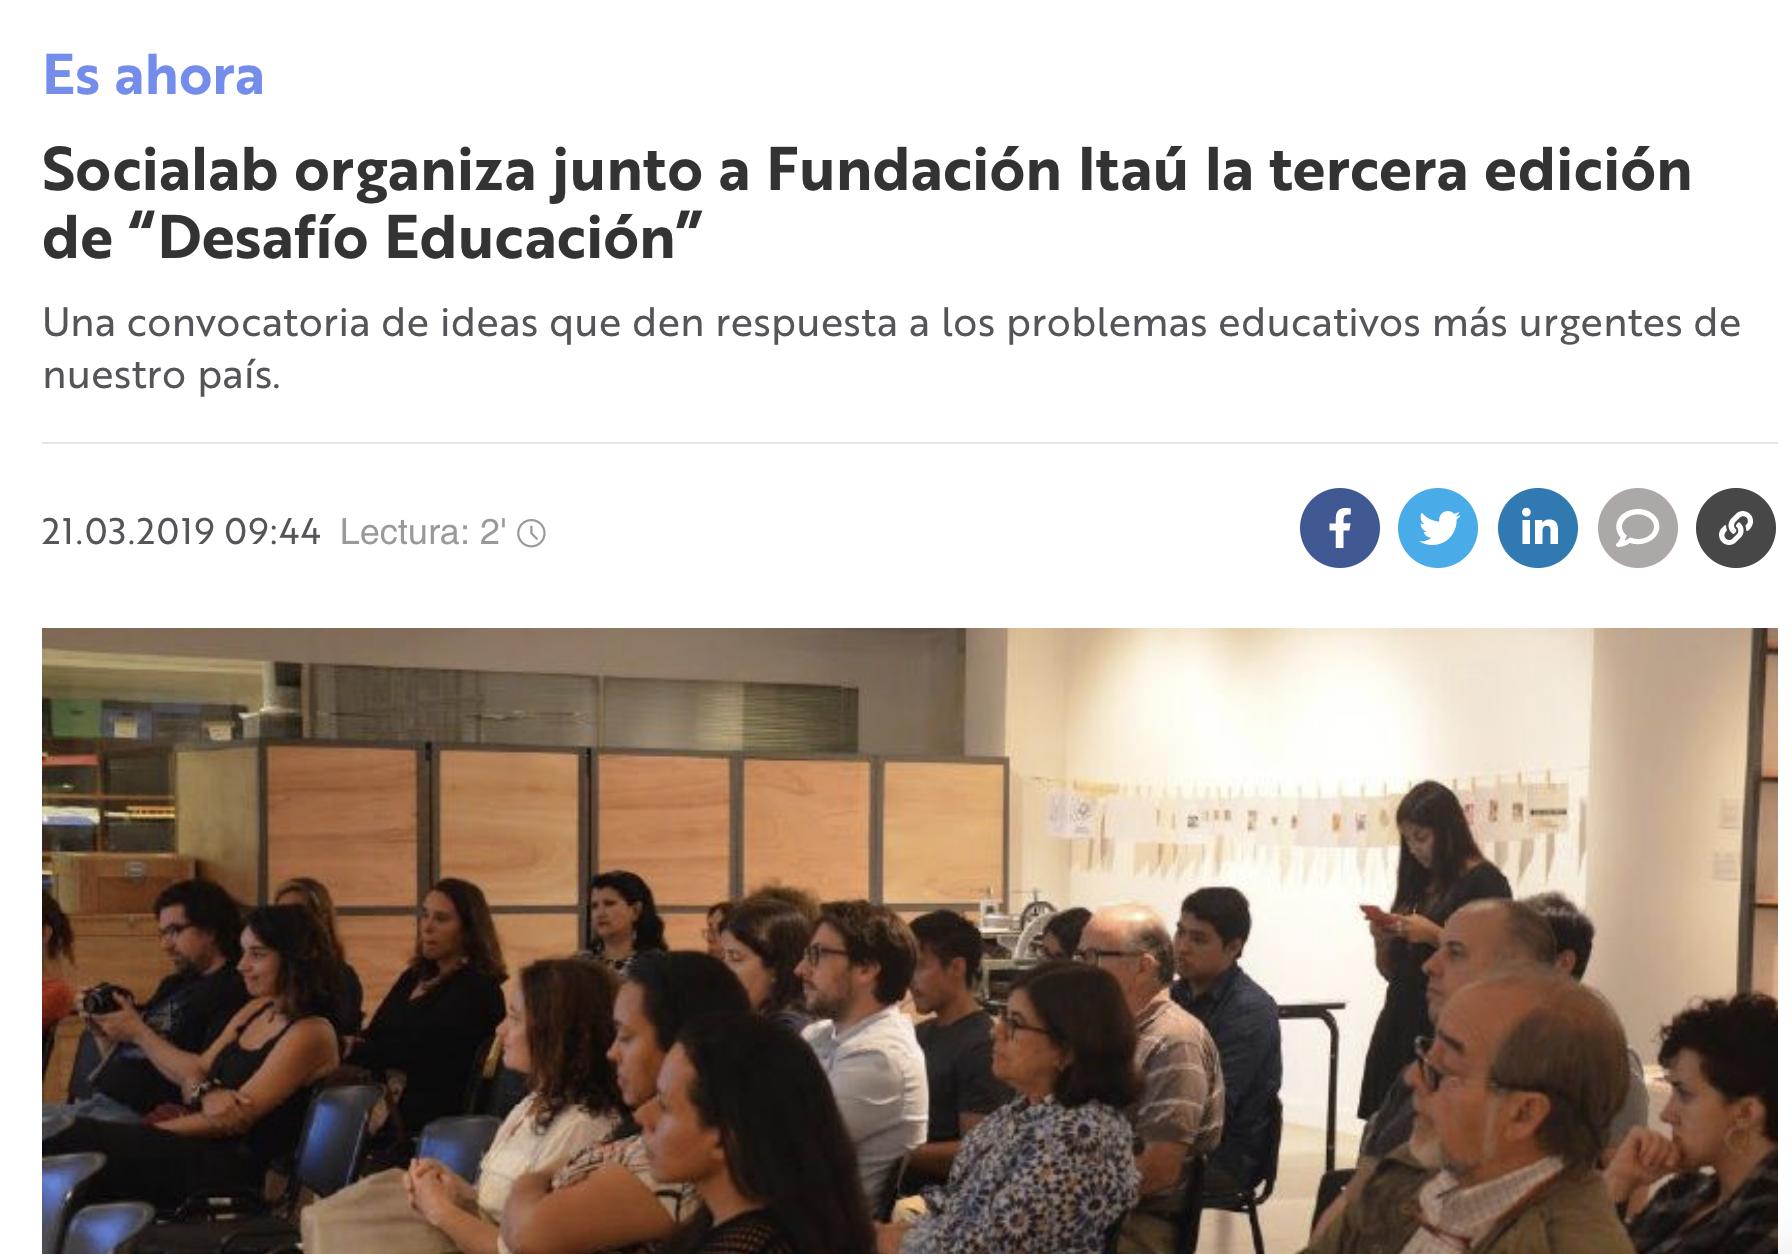 """Socialab organiza junto a Fundación Itaú la tercera edición de """"Desafío Educación"""" -"""